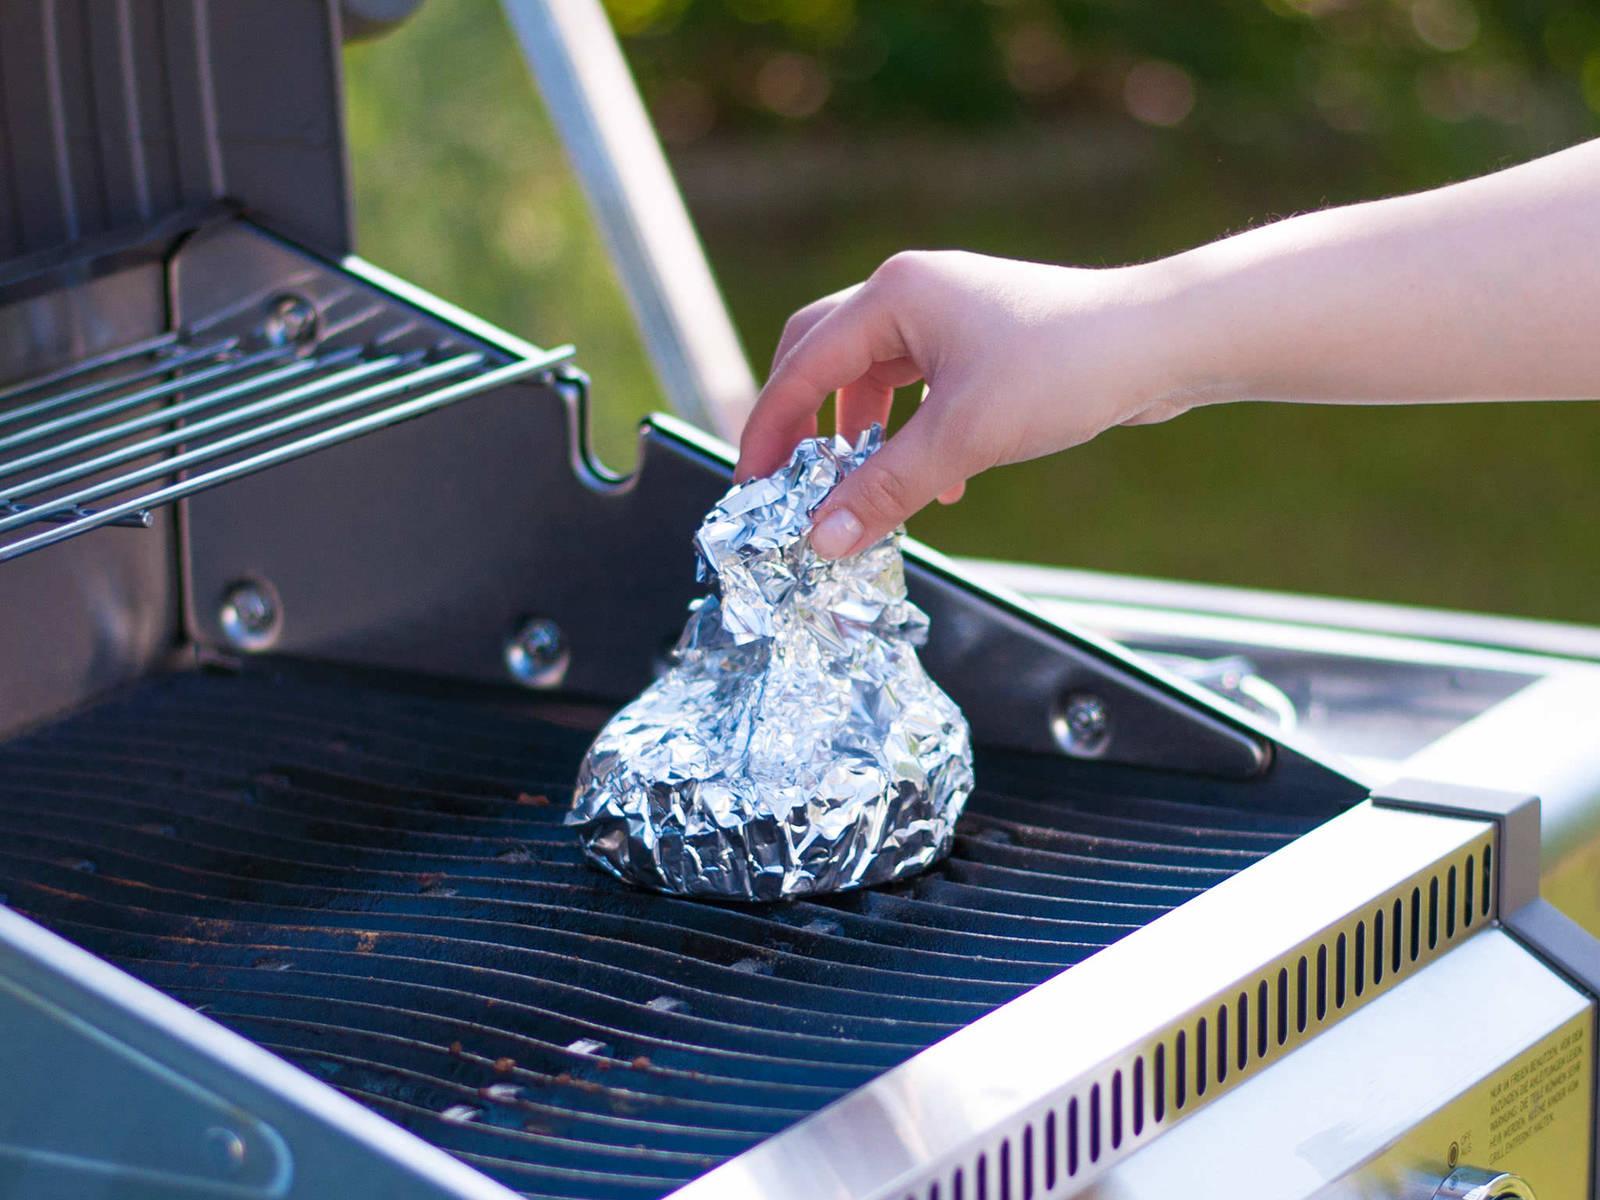 Die Alufolie falten, gut verschließen und das Päckchen anschließend auf den Grill legen. Je nach Größe ca. 15 - 20 Min. grillen bis der Käse weich wird.